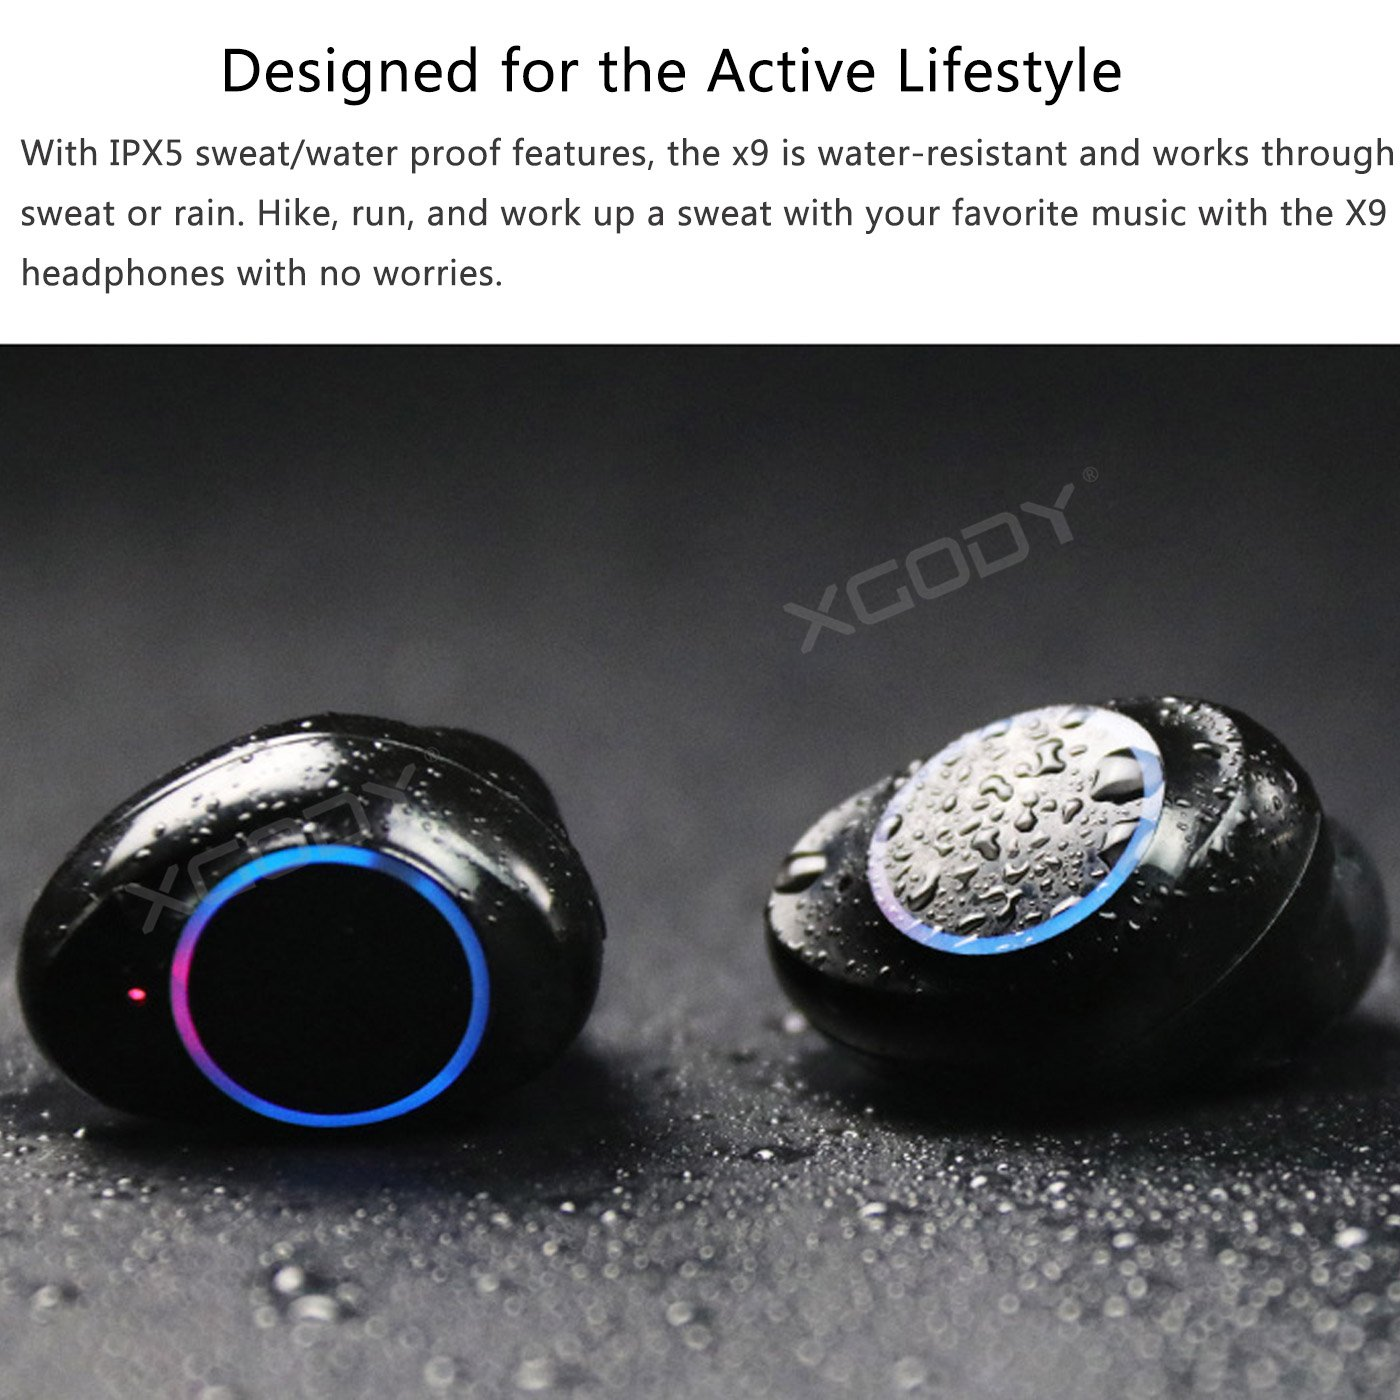 XGODY Wireless Earbuds TWS Mini True Bluetooth Stereo